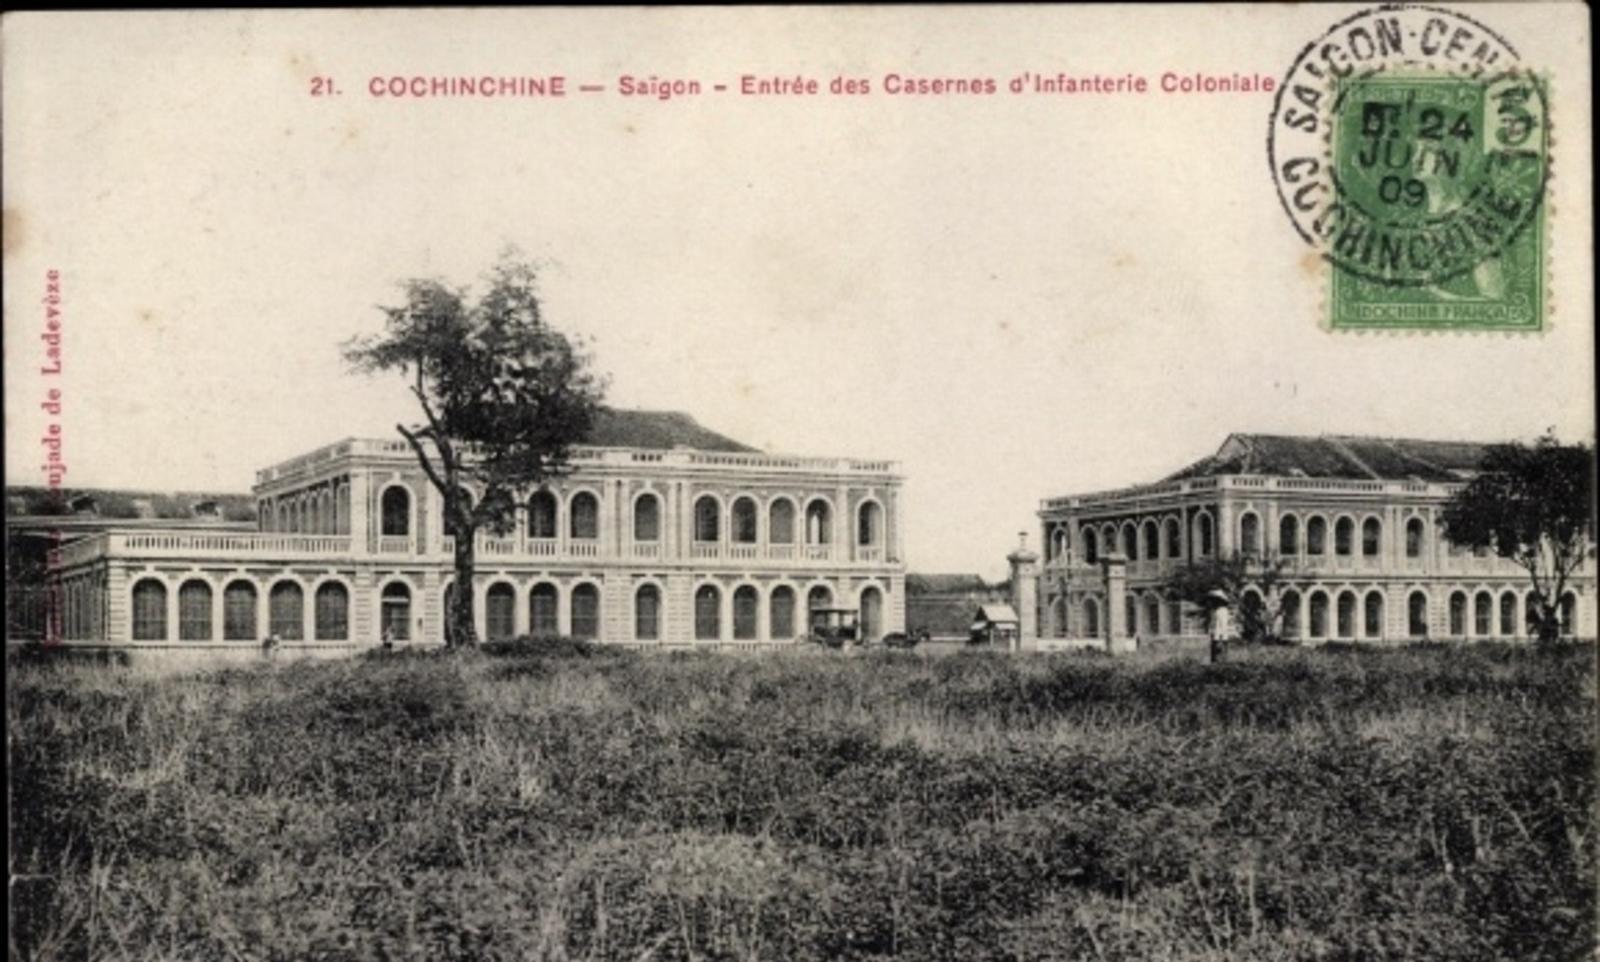 Hô Chi Minh-Ville -  Cp Saigon Cochinchine Vietnam, Entrée des Casernes d'Infanterie Coloniale